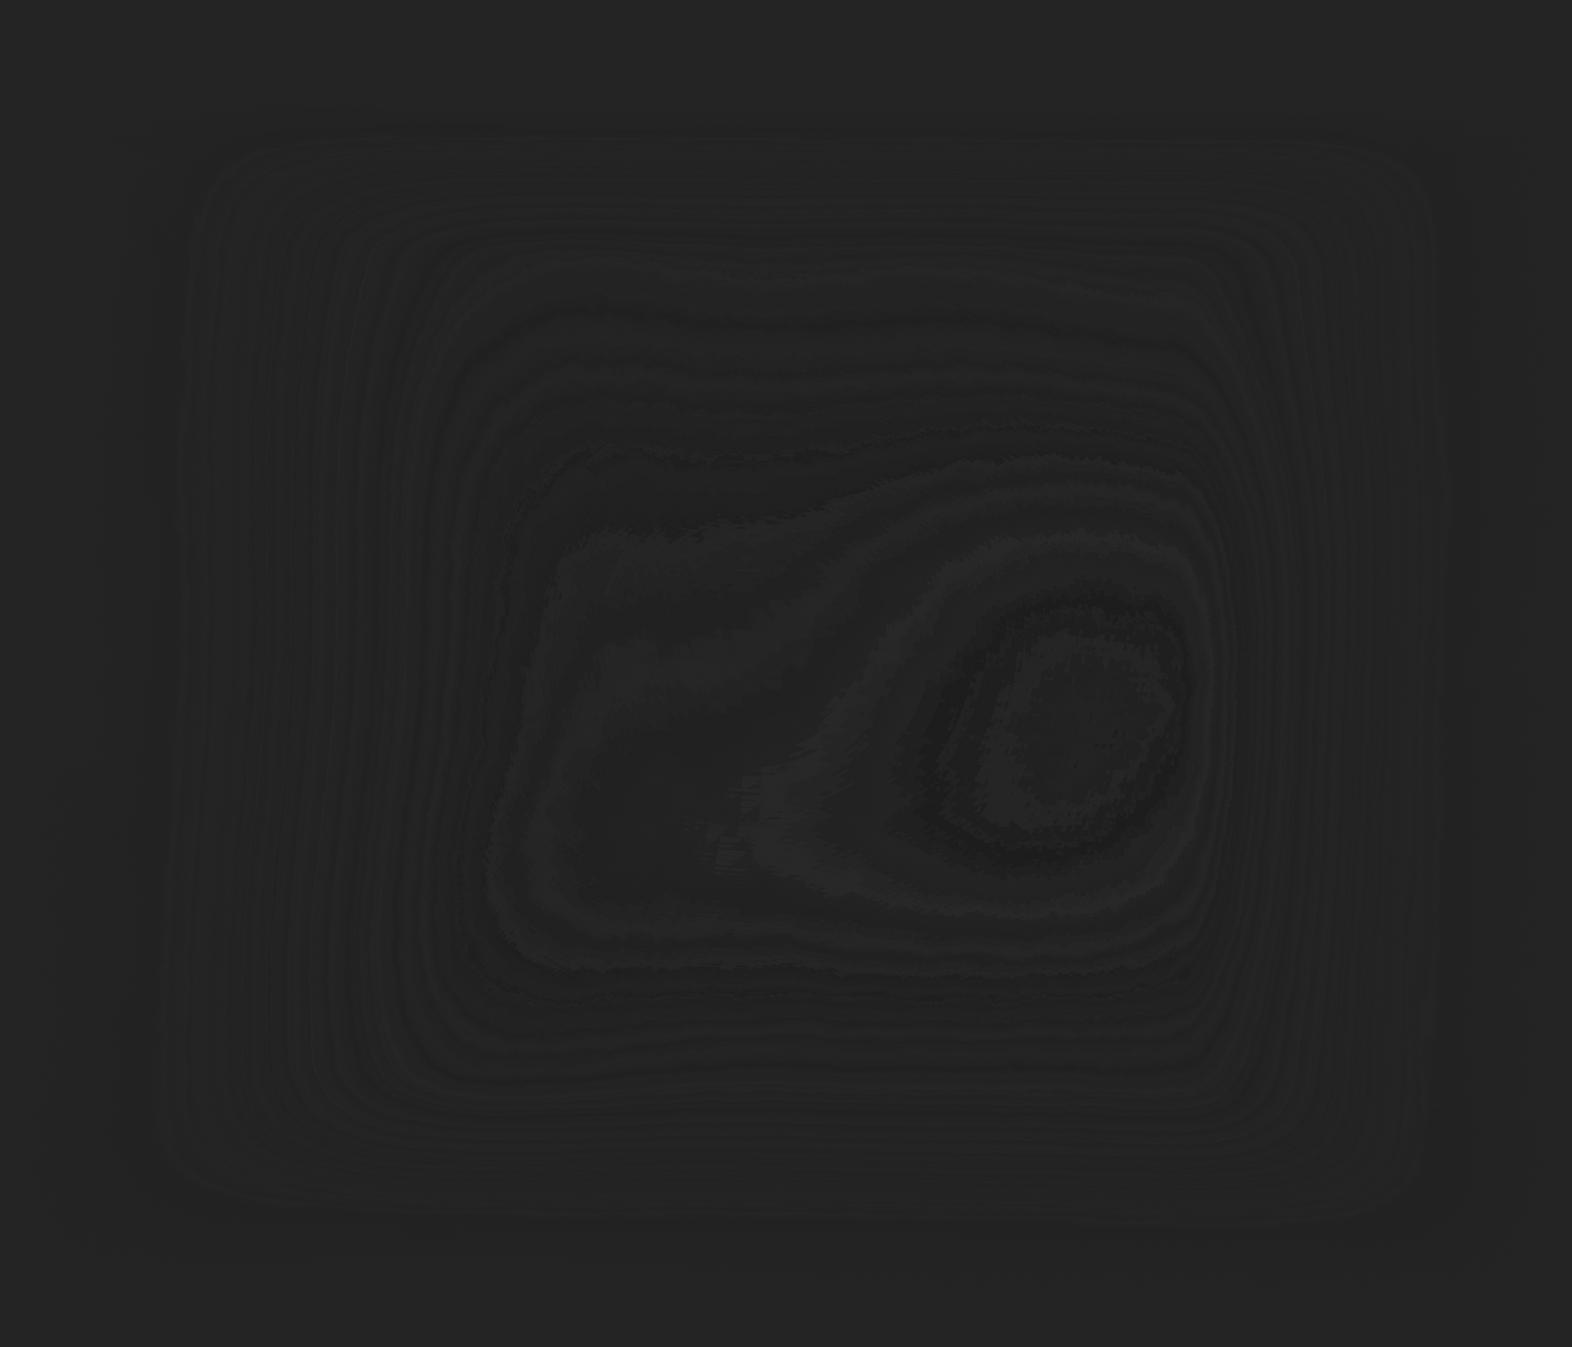 Senza%252525252520titolo-1_edited_edited